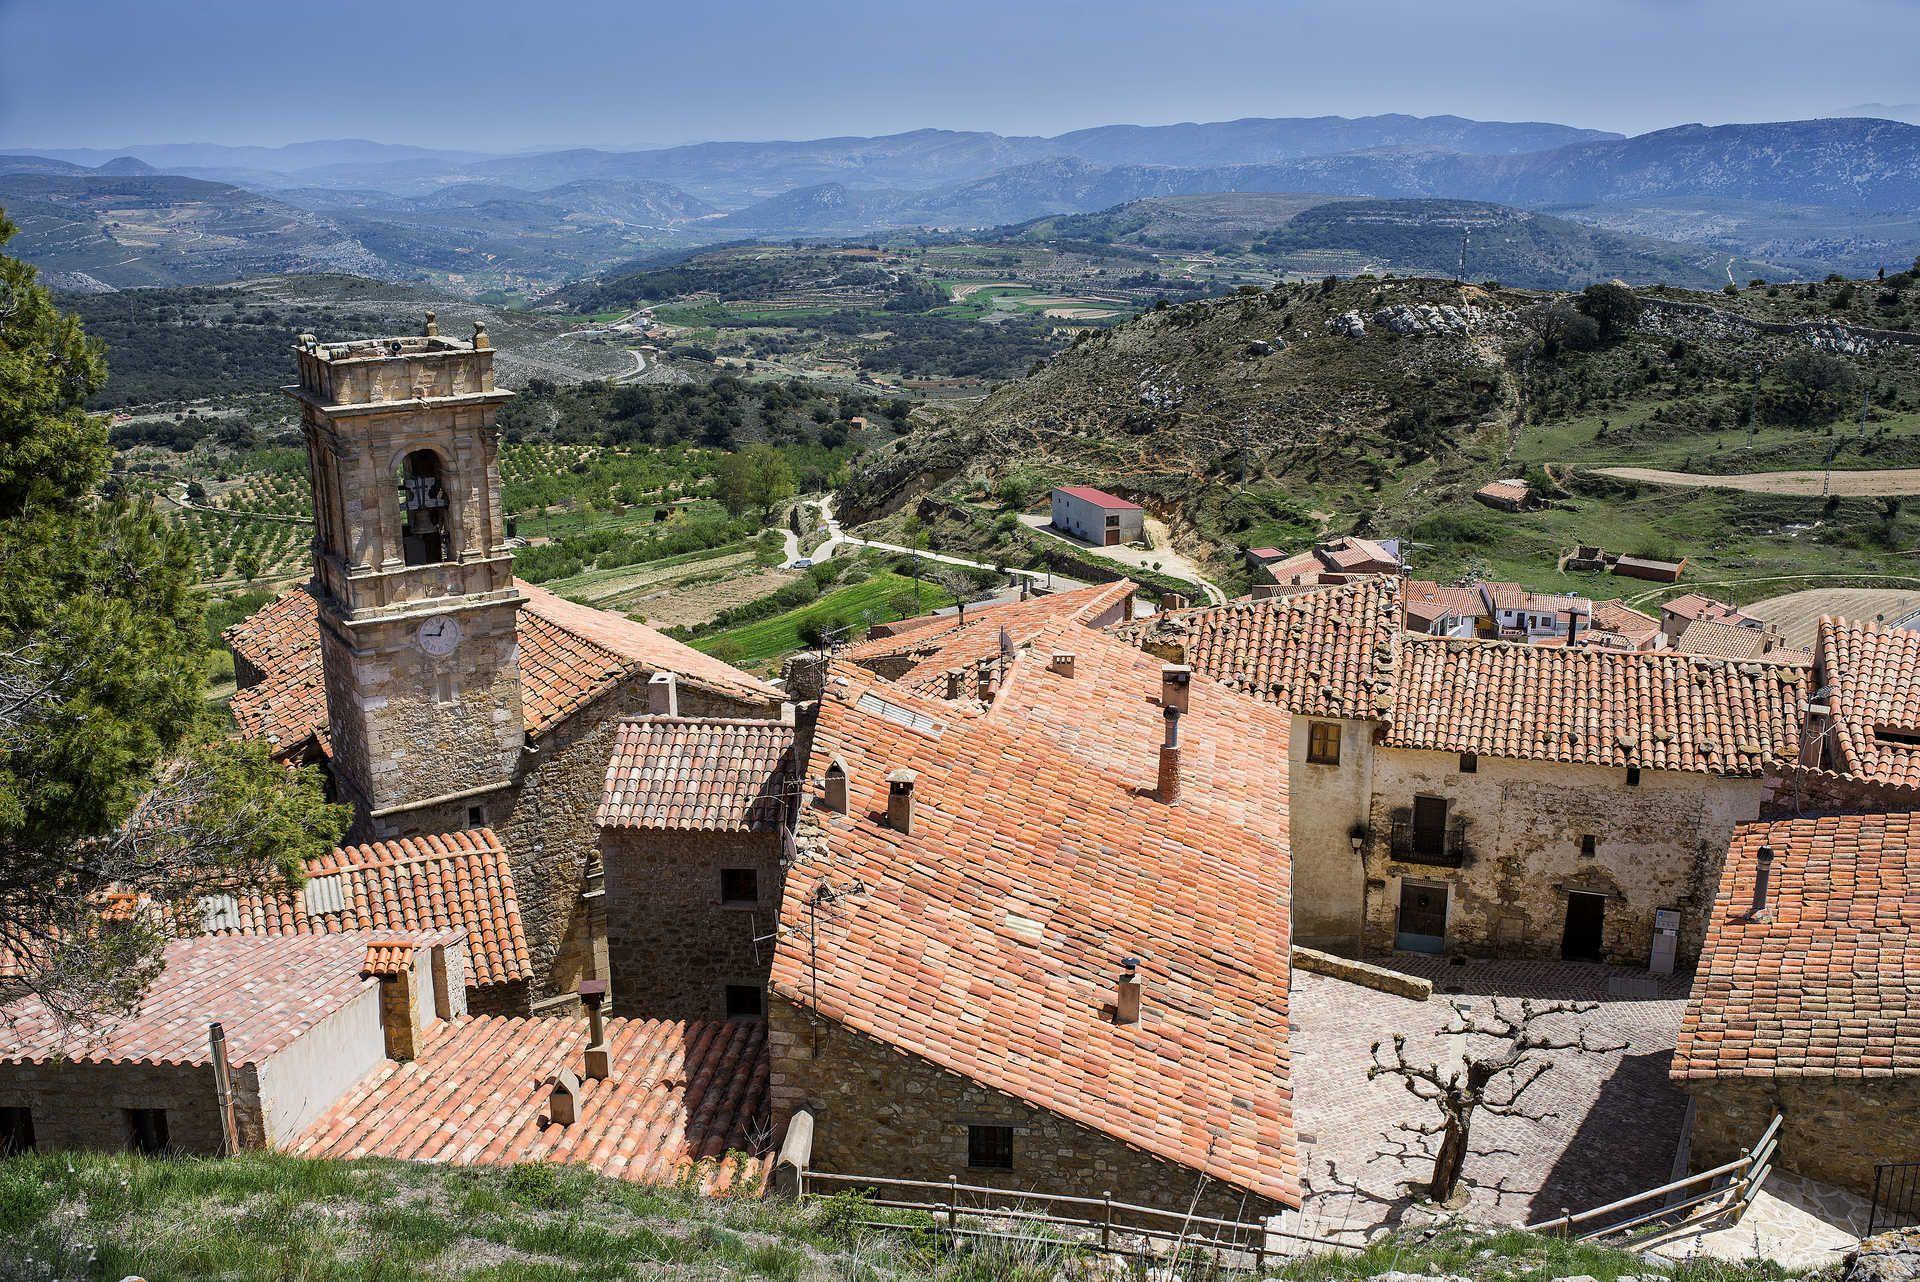 Vista_desde_lo_alto_del_pueblo_hacia_fuera001_0118.jpg